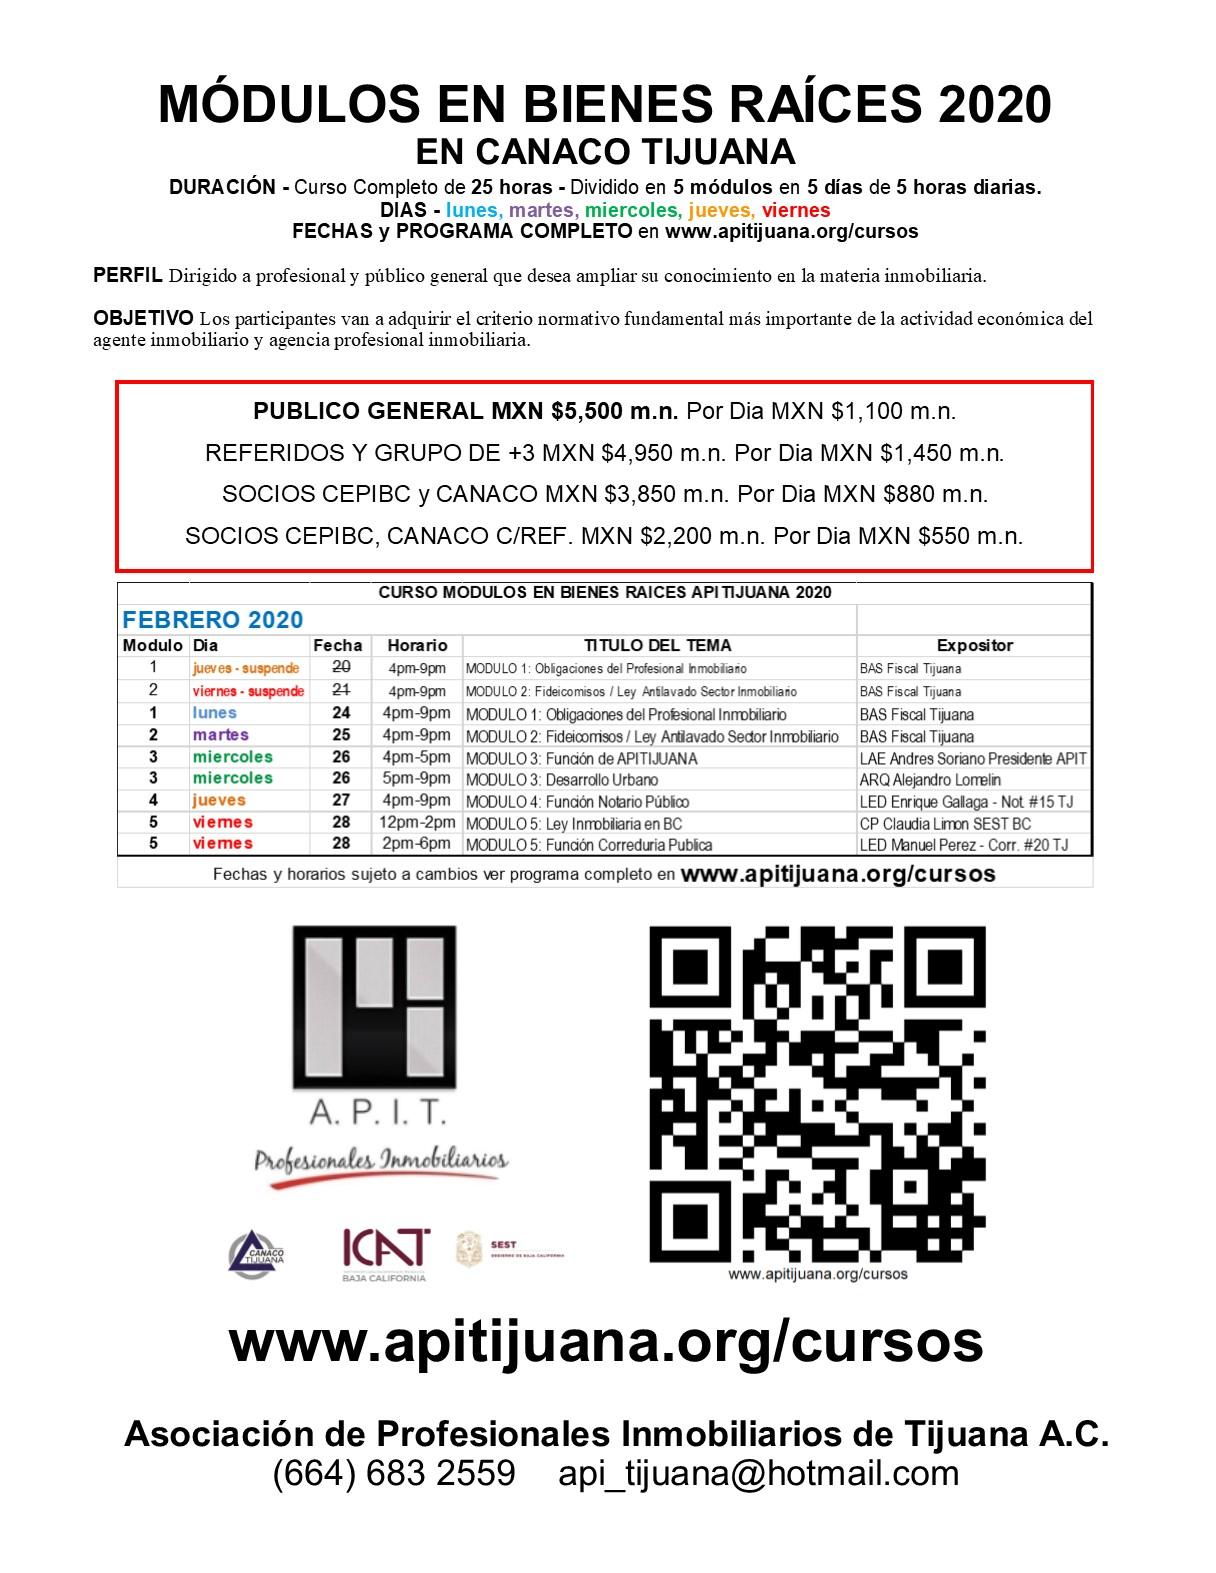 MODULOS_BASICOS_APITIJUANA_20200221.jpg